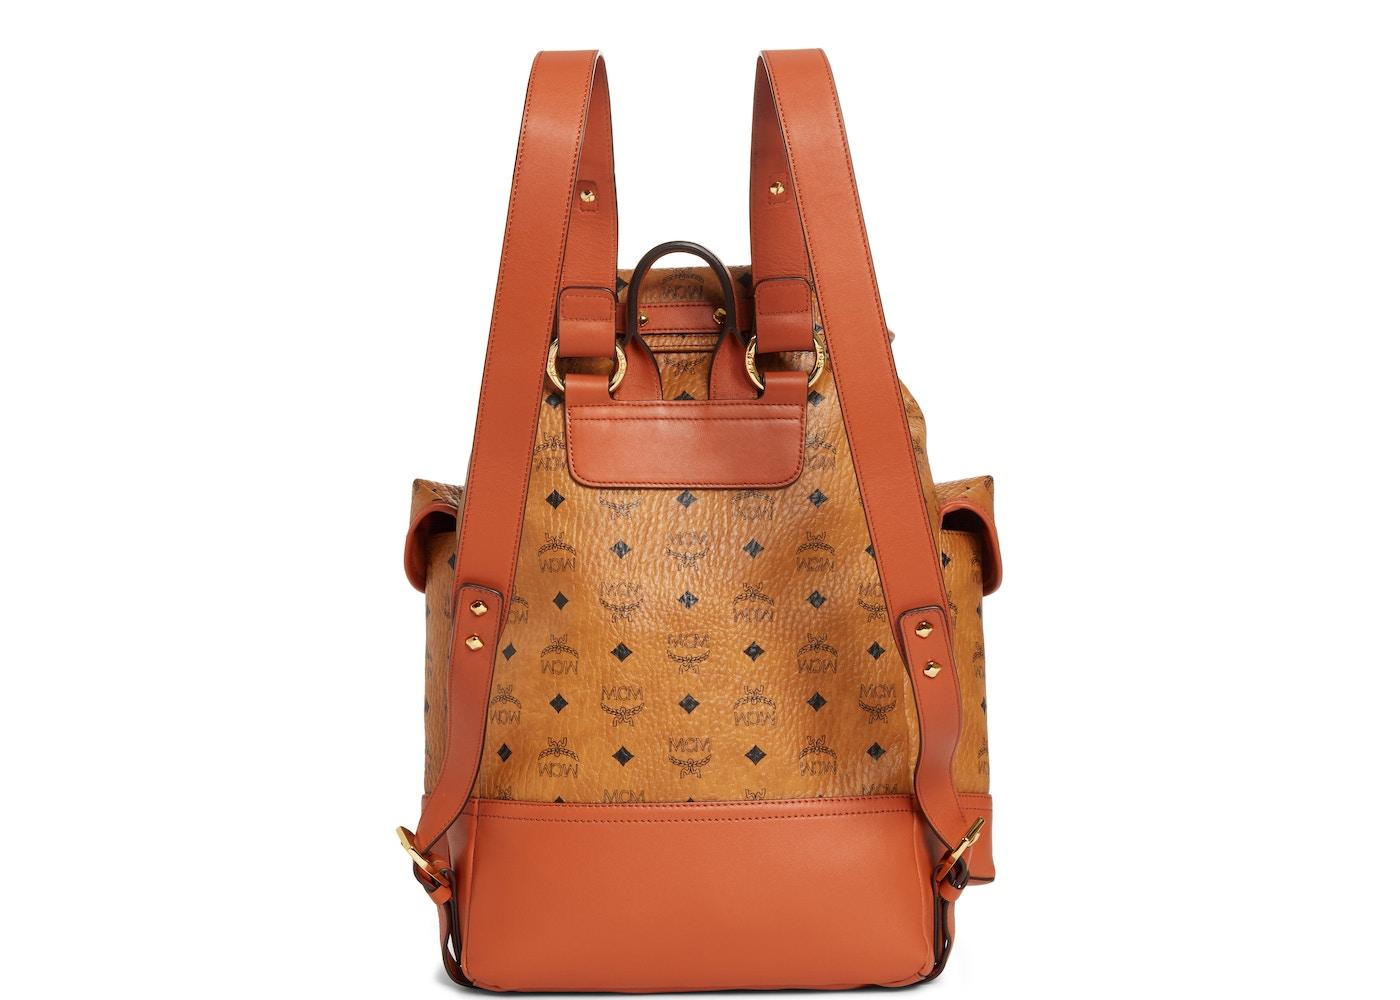 969336c963ee3 MCM Vintage Backpack Nordstrom Exclusive 2 Pocket Medium Cognac